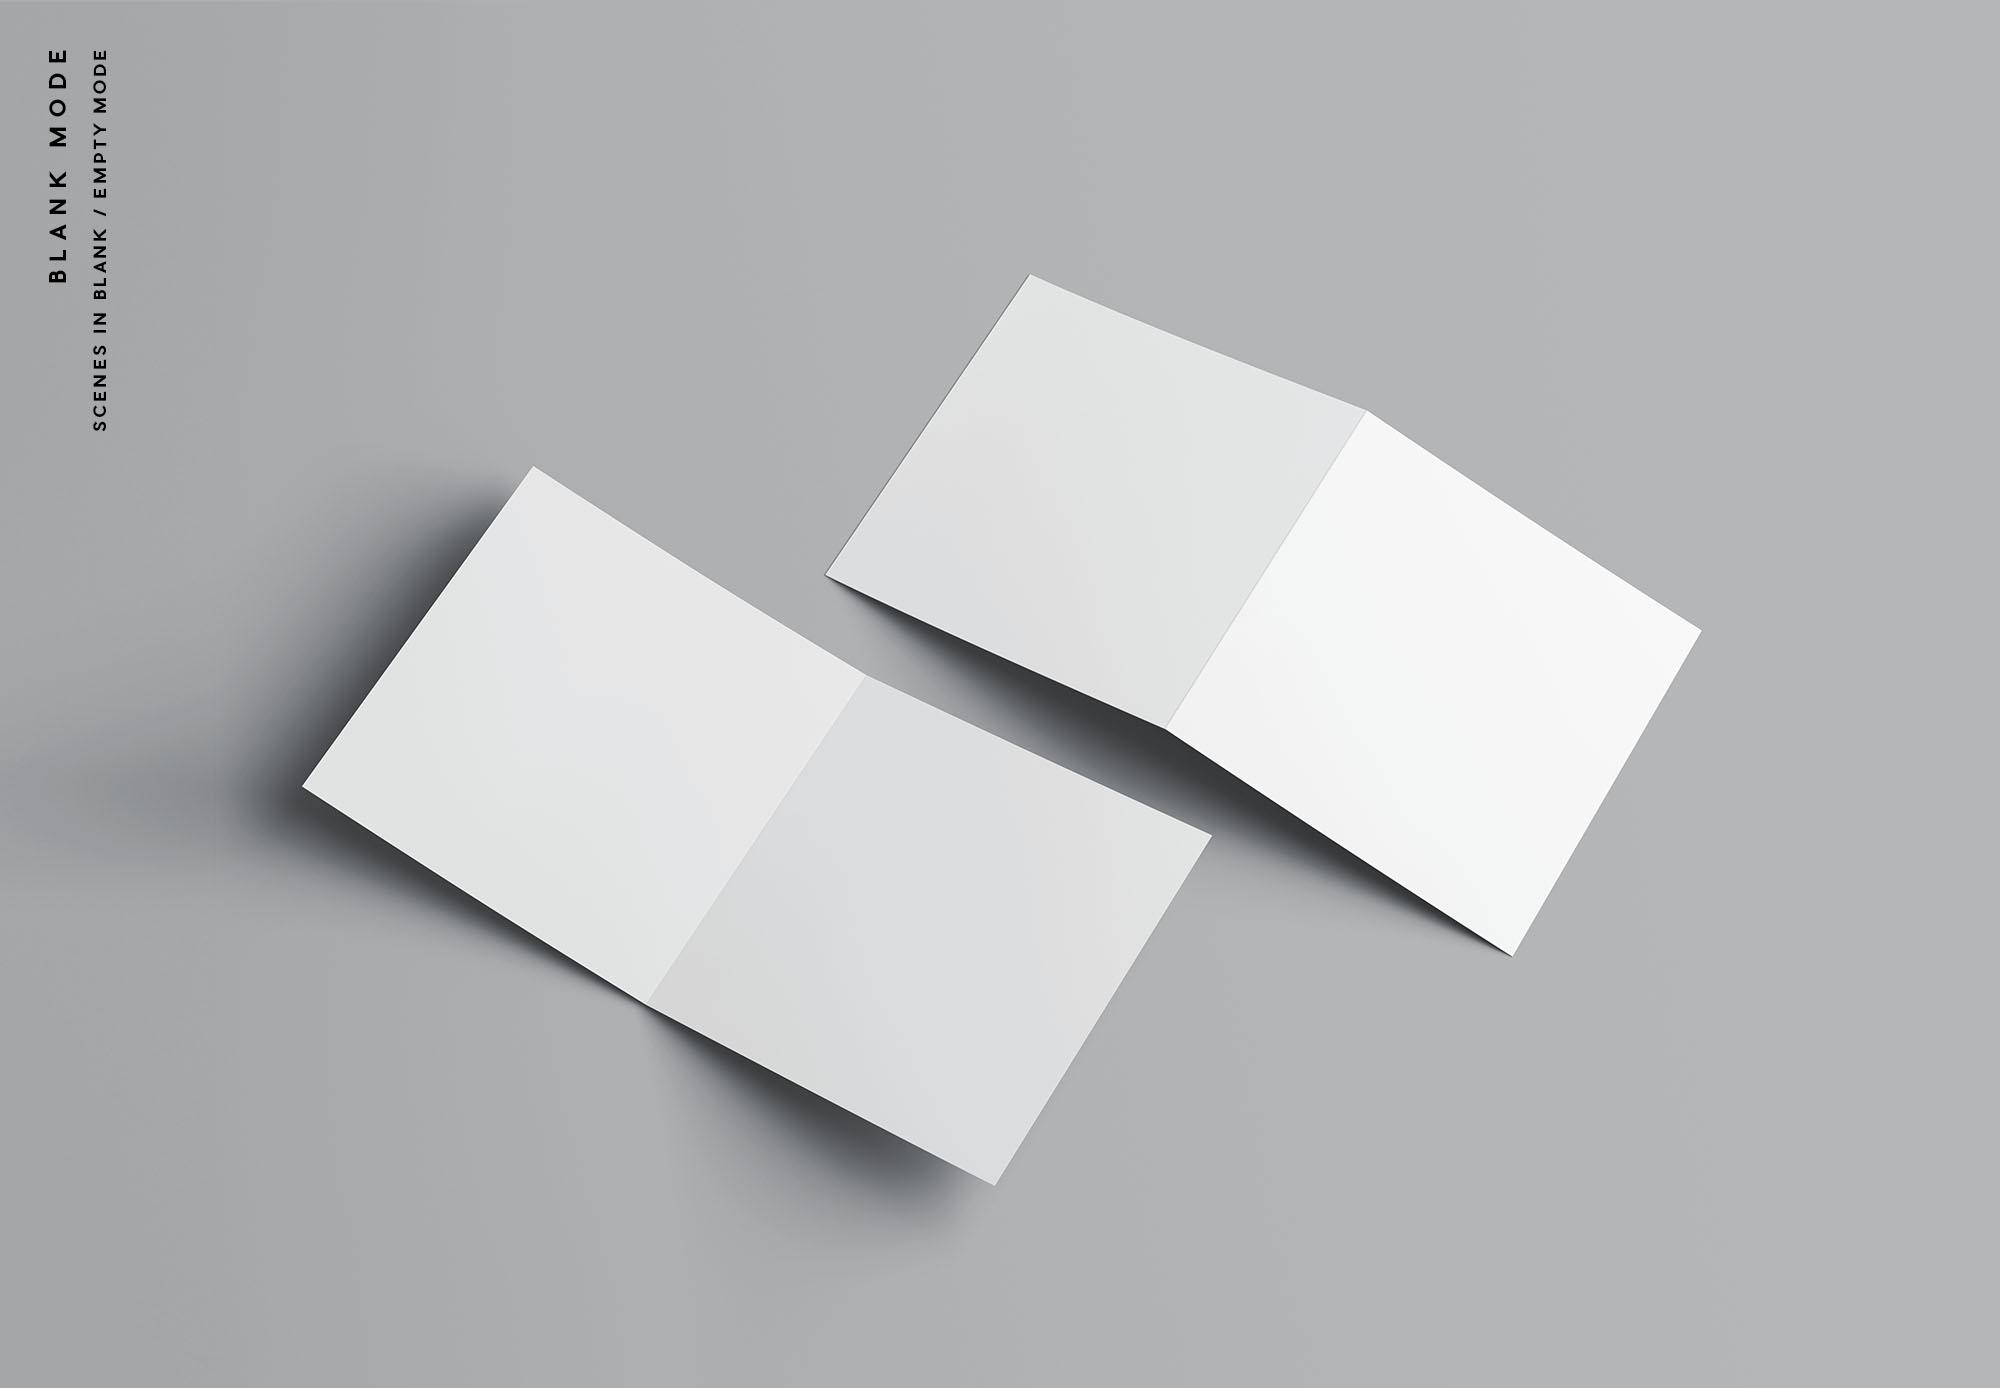 高级方形双折小册子样机PSD模板 Square Bifold Brochure Mockup插图(9)